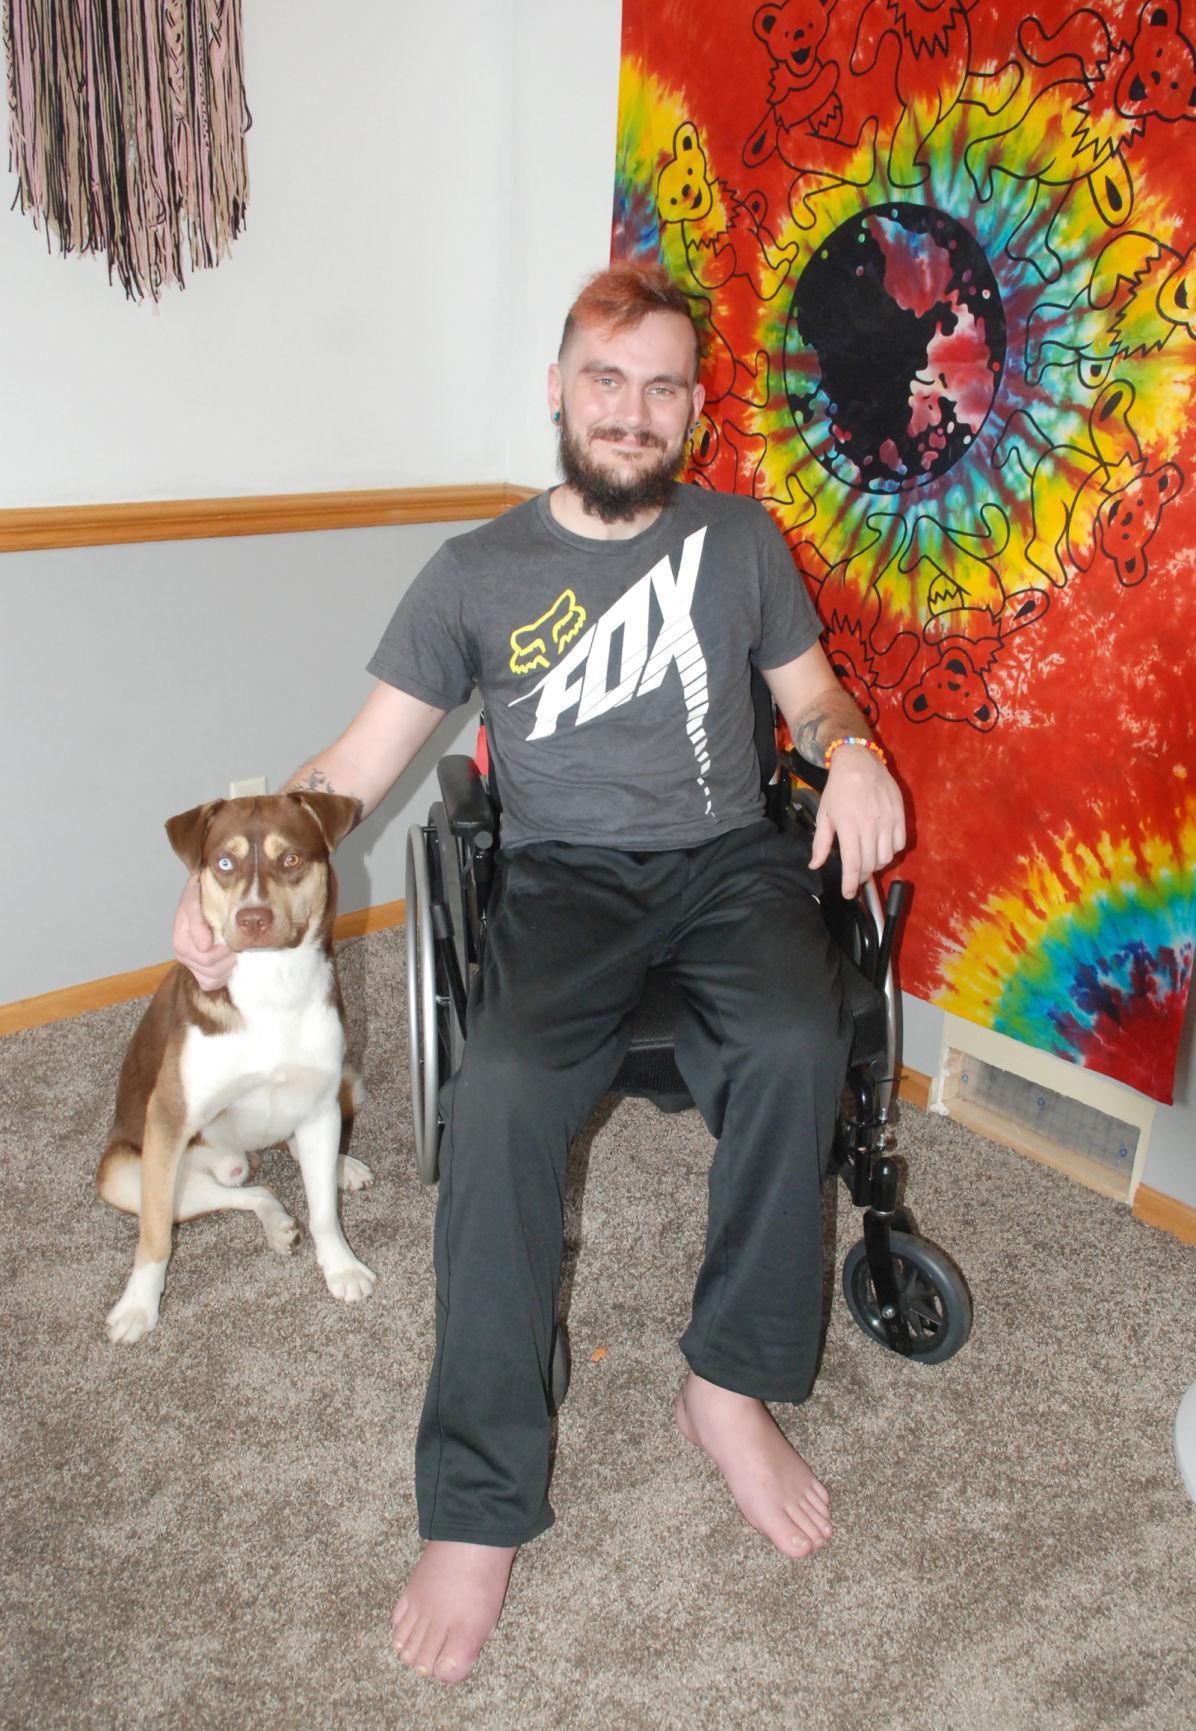 Man in chair near dog